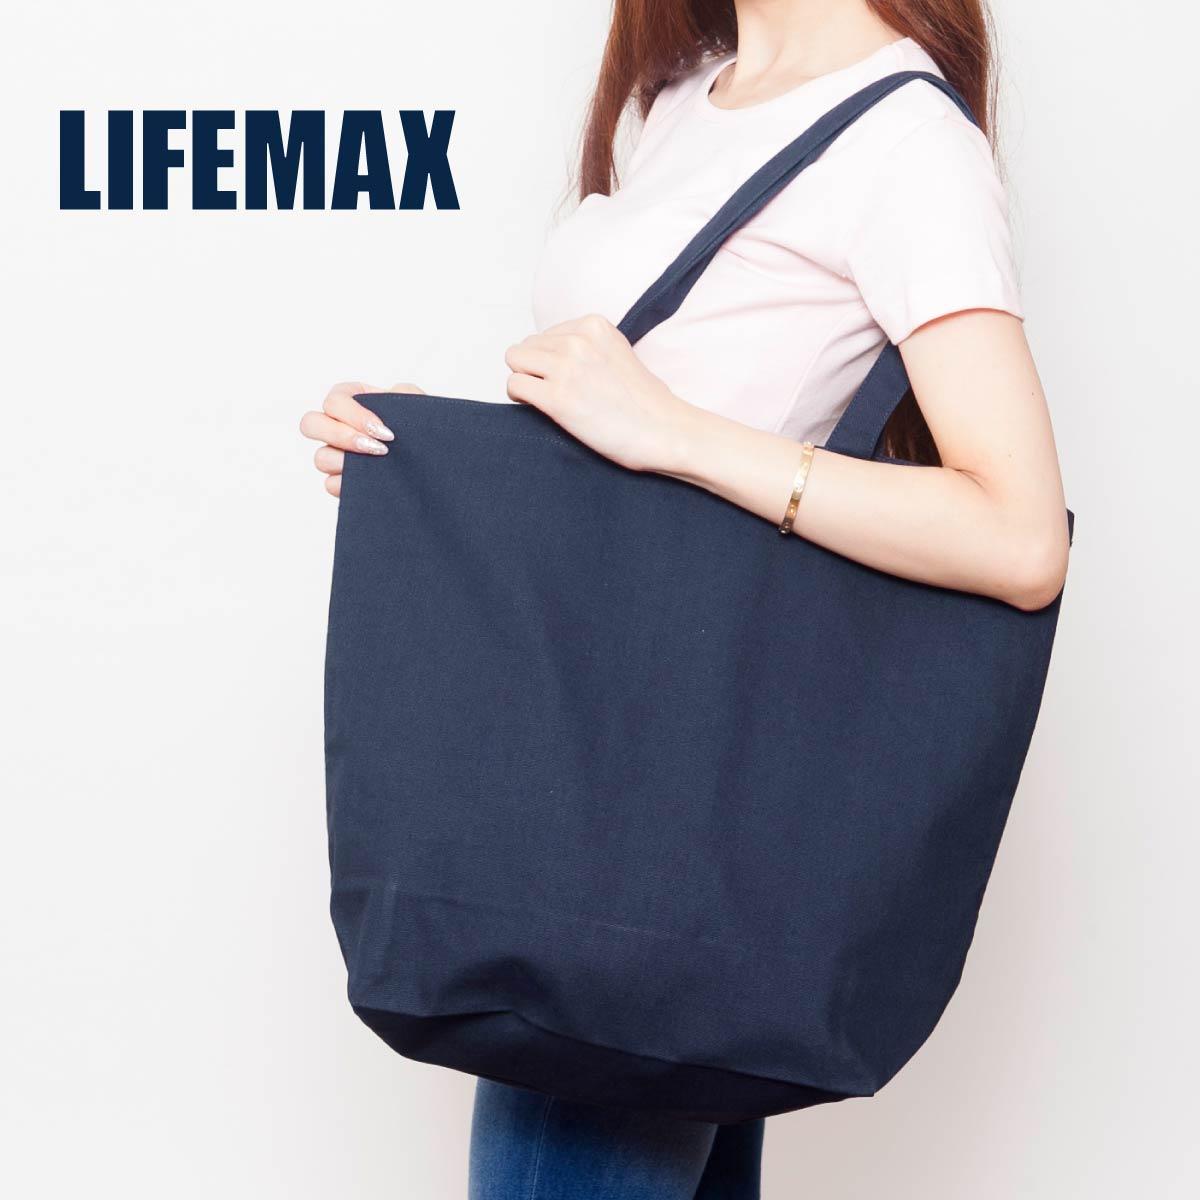 トートバッグ 無地 大きい 大容量 グレー 黒 紺 など LIFEMAX ライフマックス キャンバストート 激安 L シンプル レディース ma9007 キャンバス 綿 メンズ ブランド買うならブランドオフ コットン 丈夫 大きめ マチ付き 男女兼用